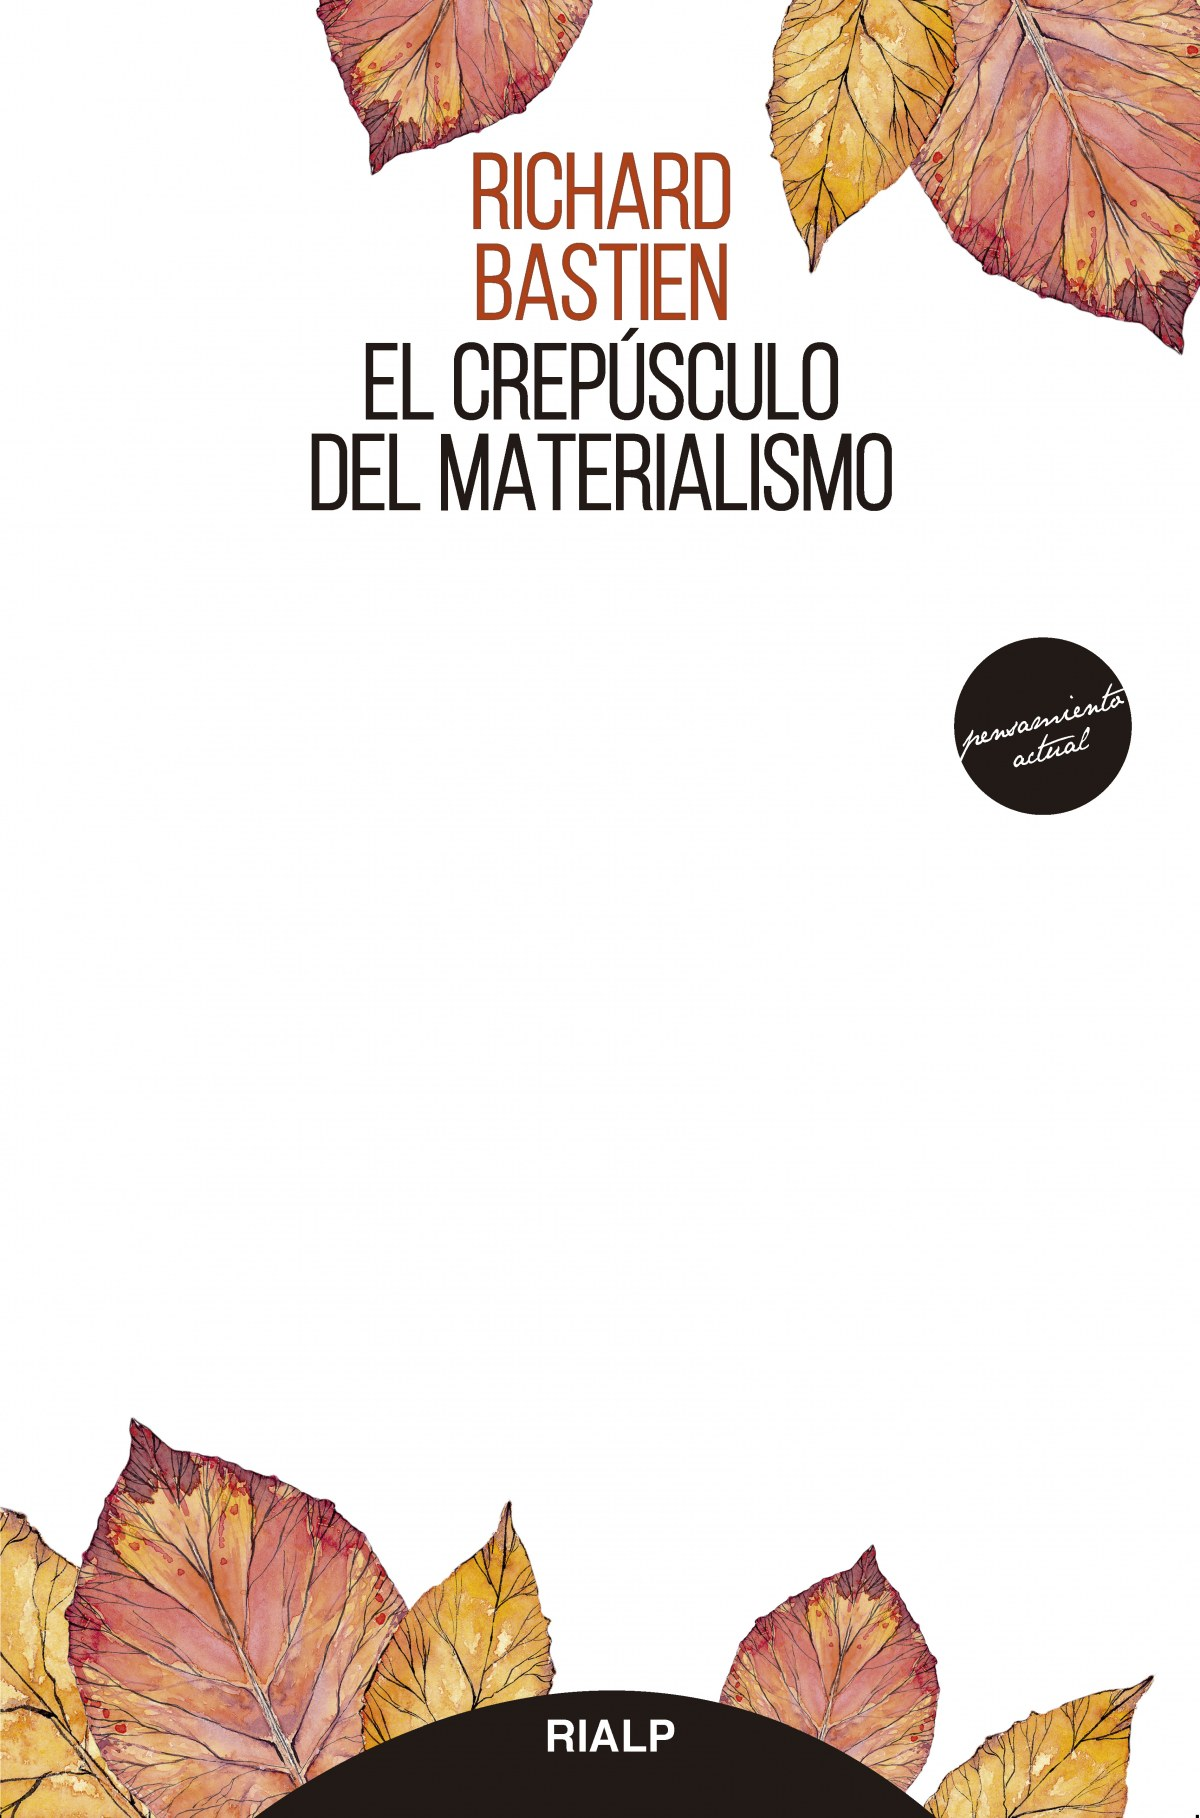 El crepúsculo del materialismo